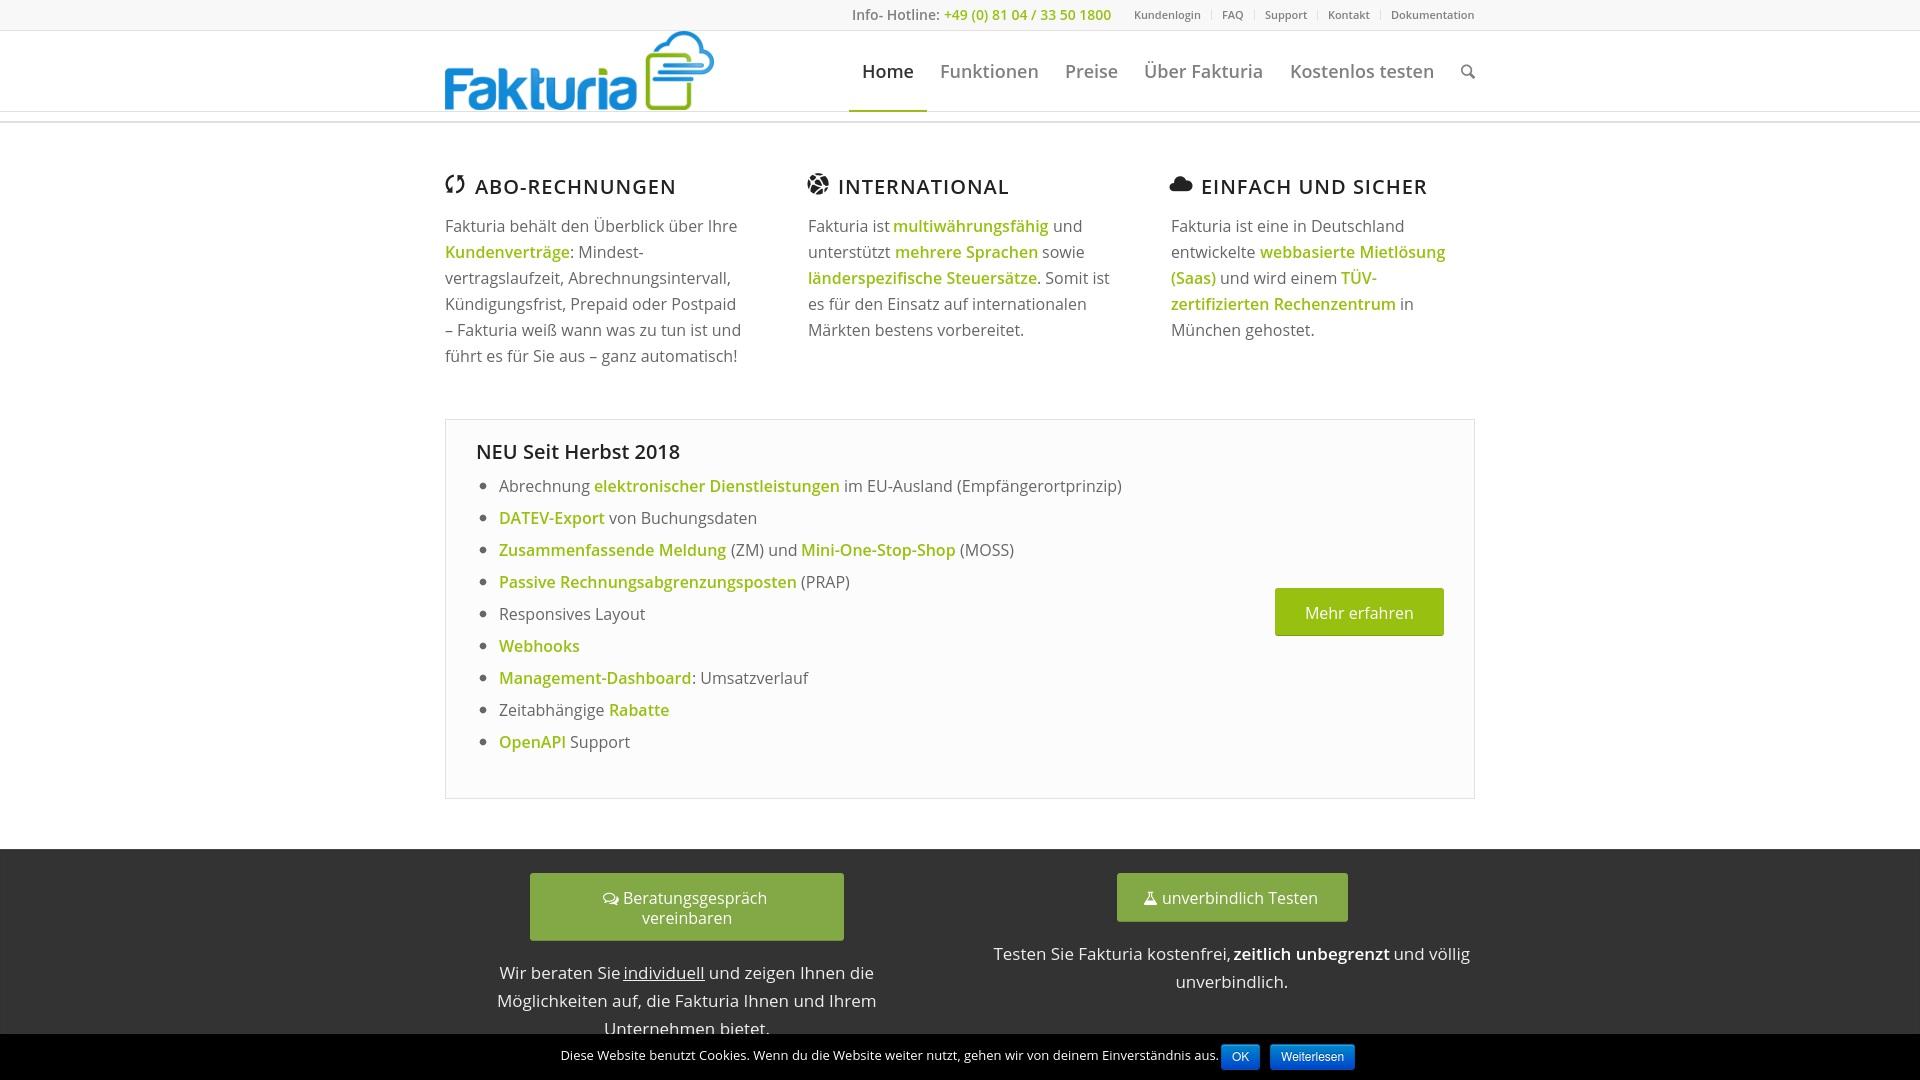 Geld zurück bei Fakturia: Jetzt im April 2021 Cashback für Fakturia sichern